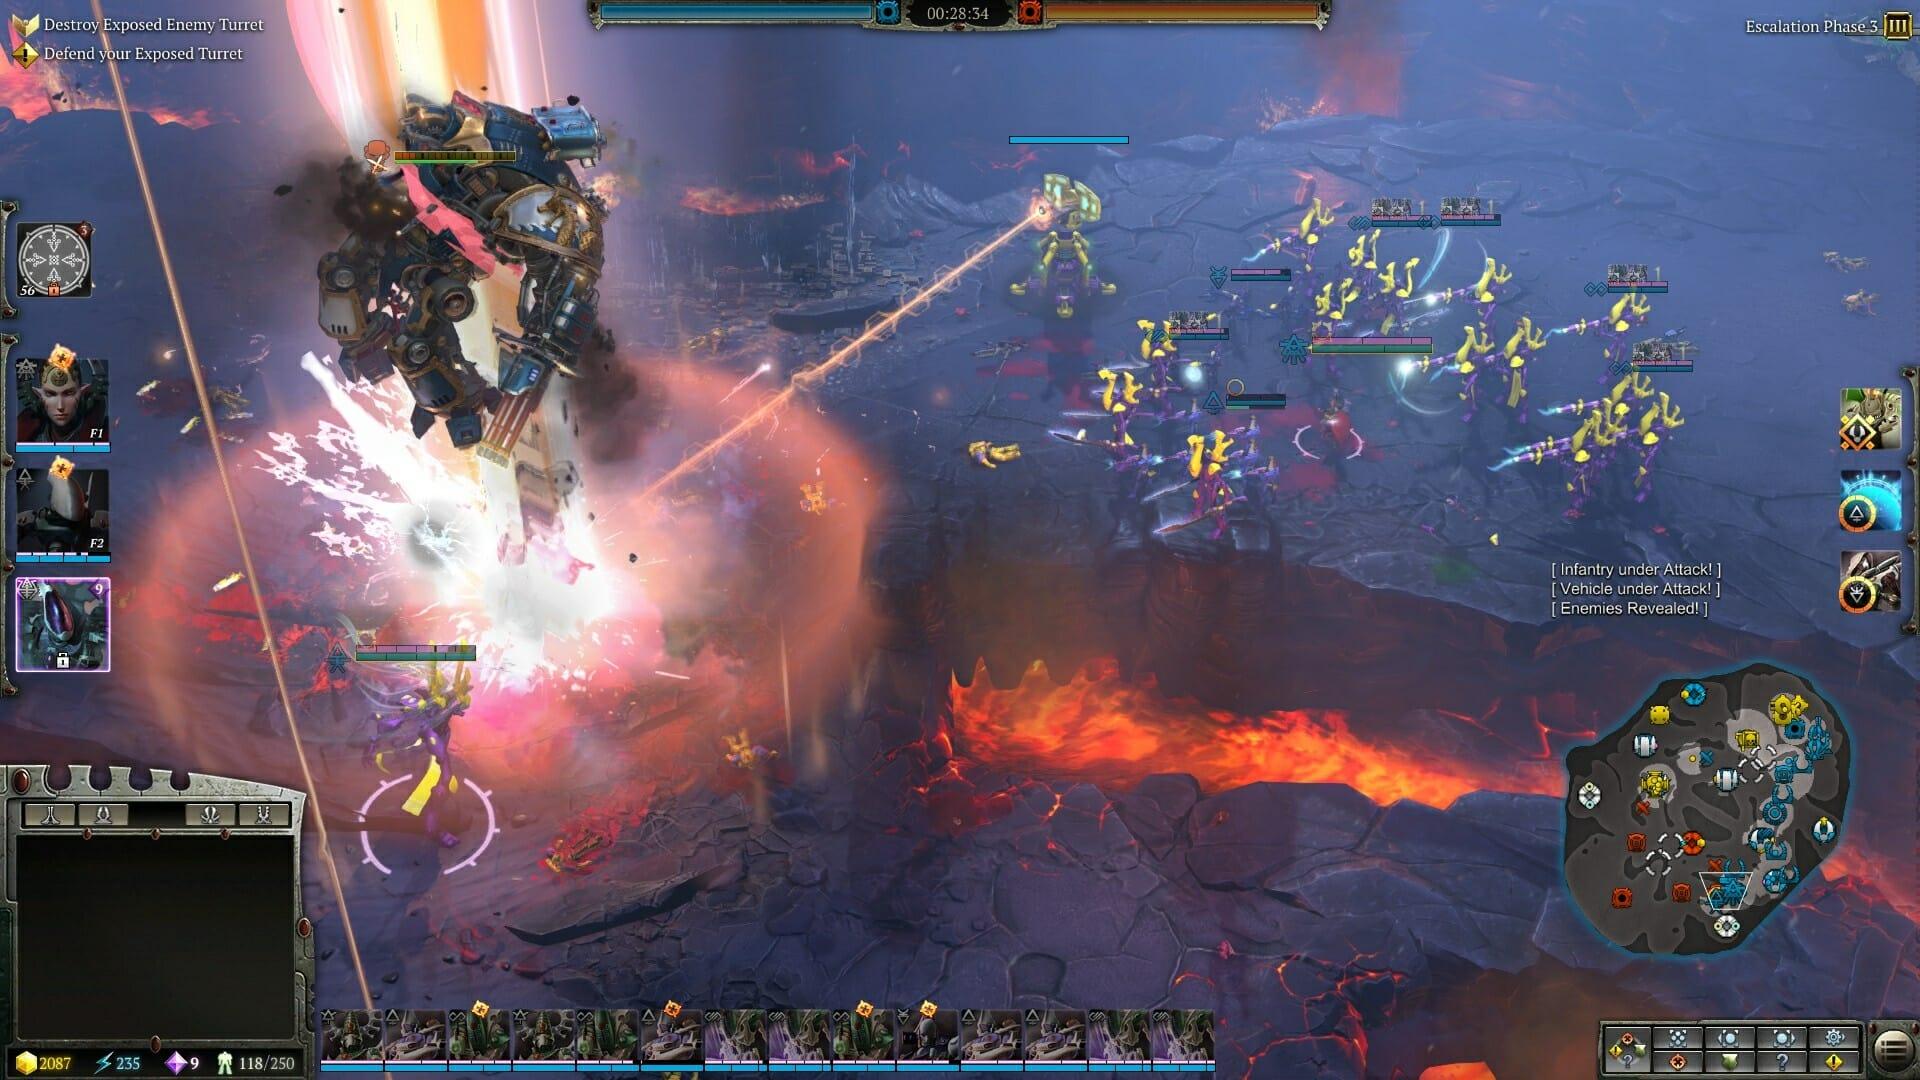 Dawn of War 3, Sega